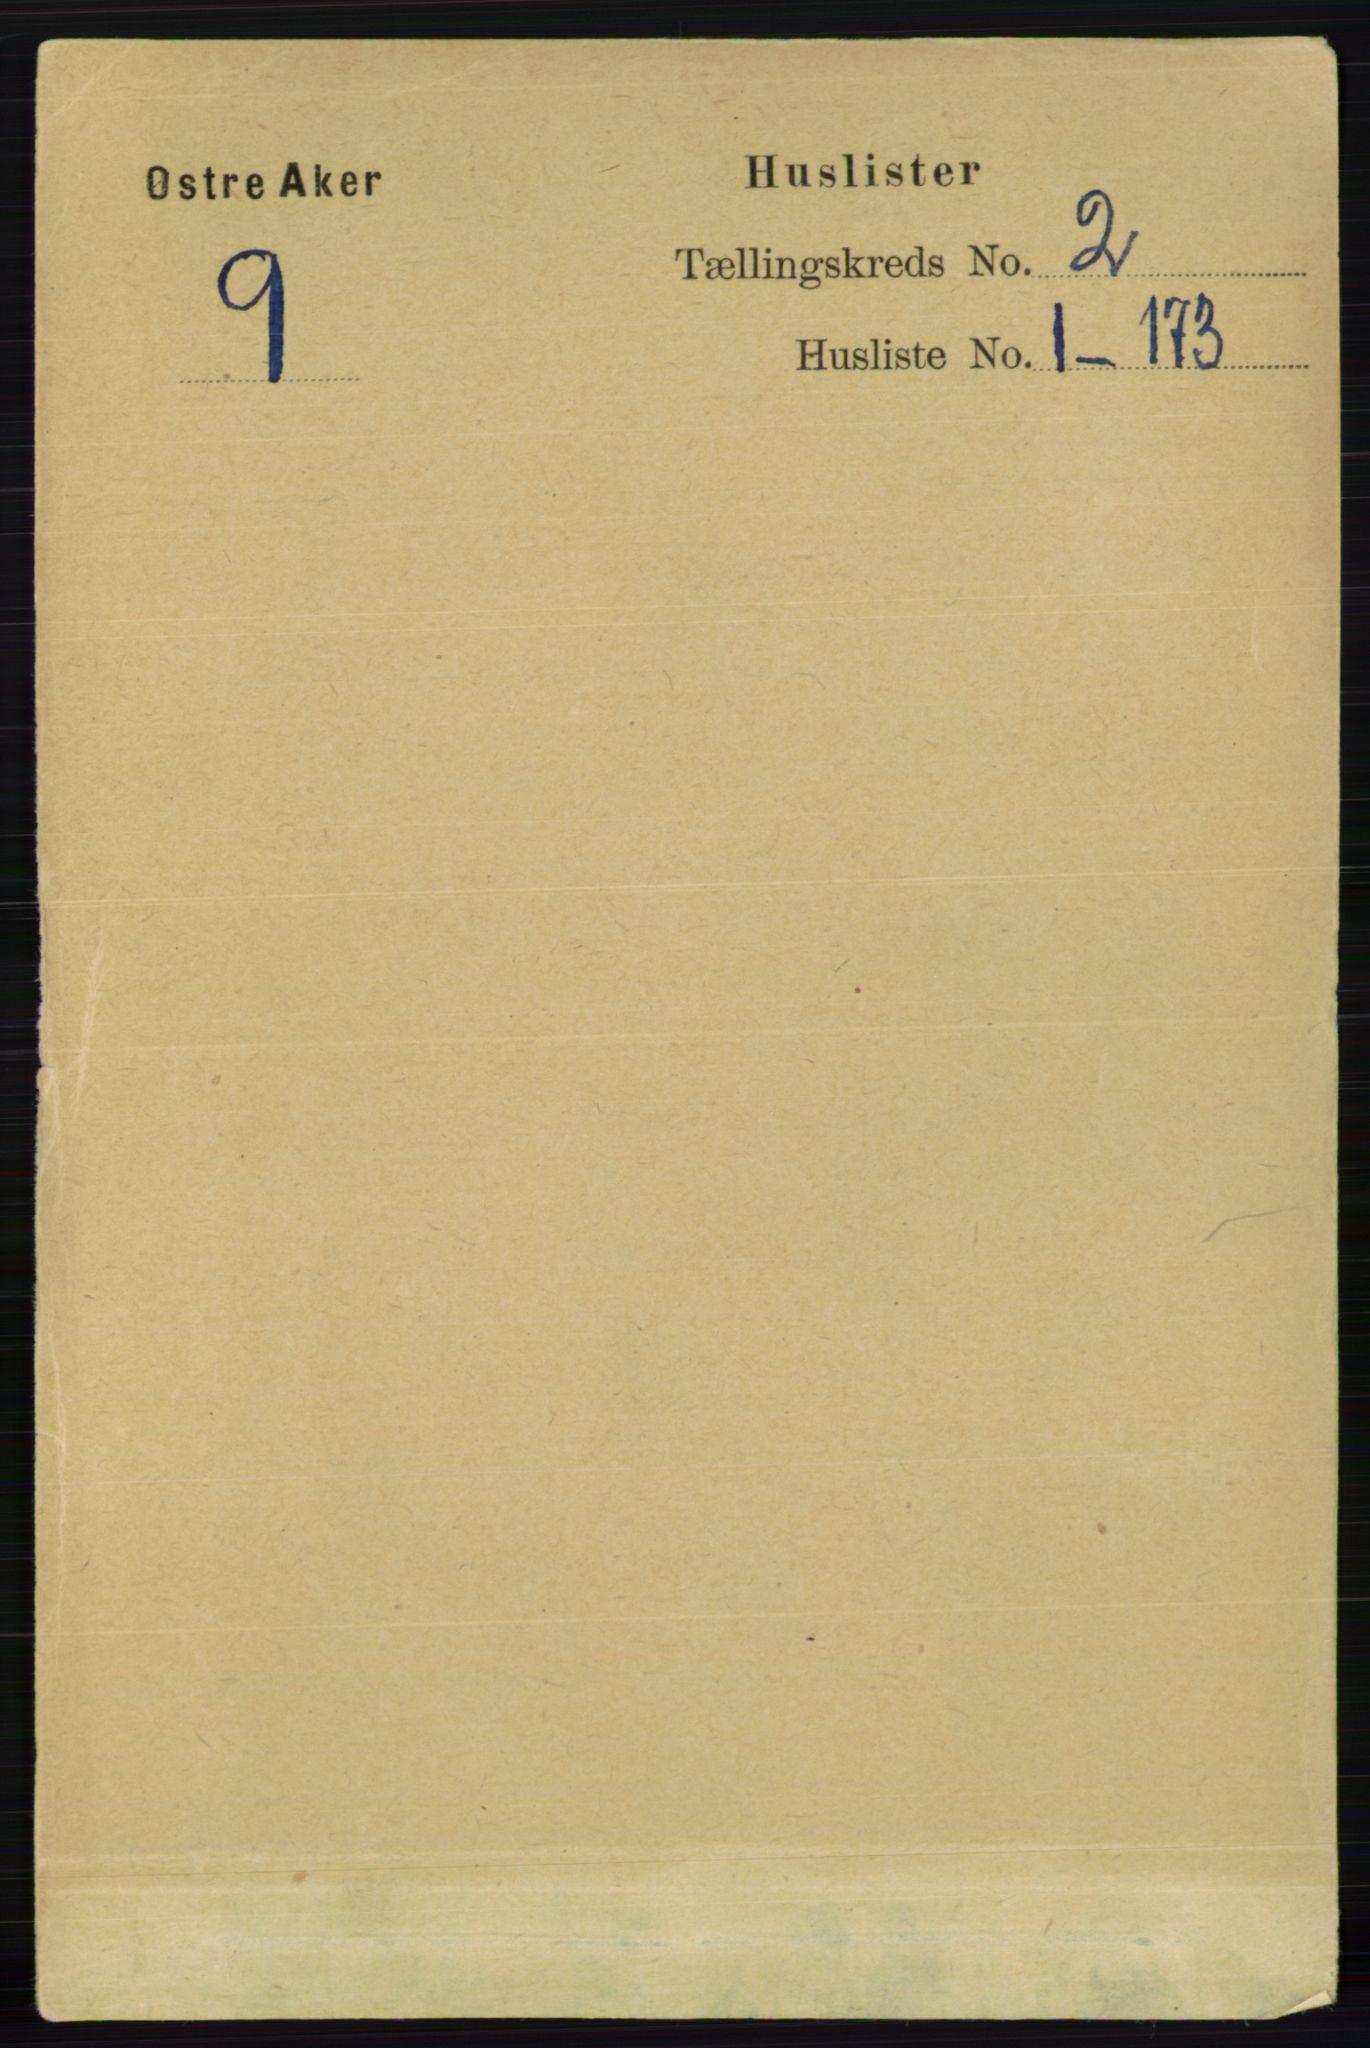 RA, Folketelling 1891 for 0218 Aker herred, 1891, s. 1178